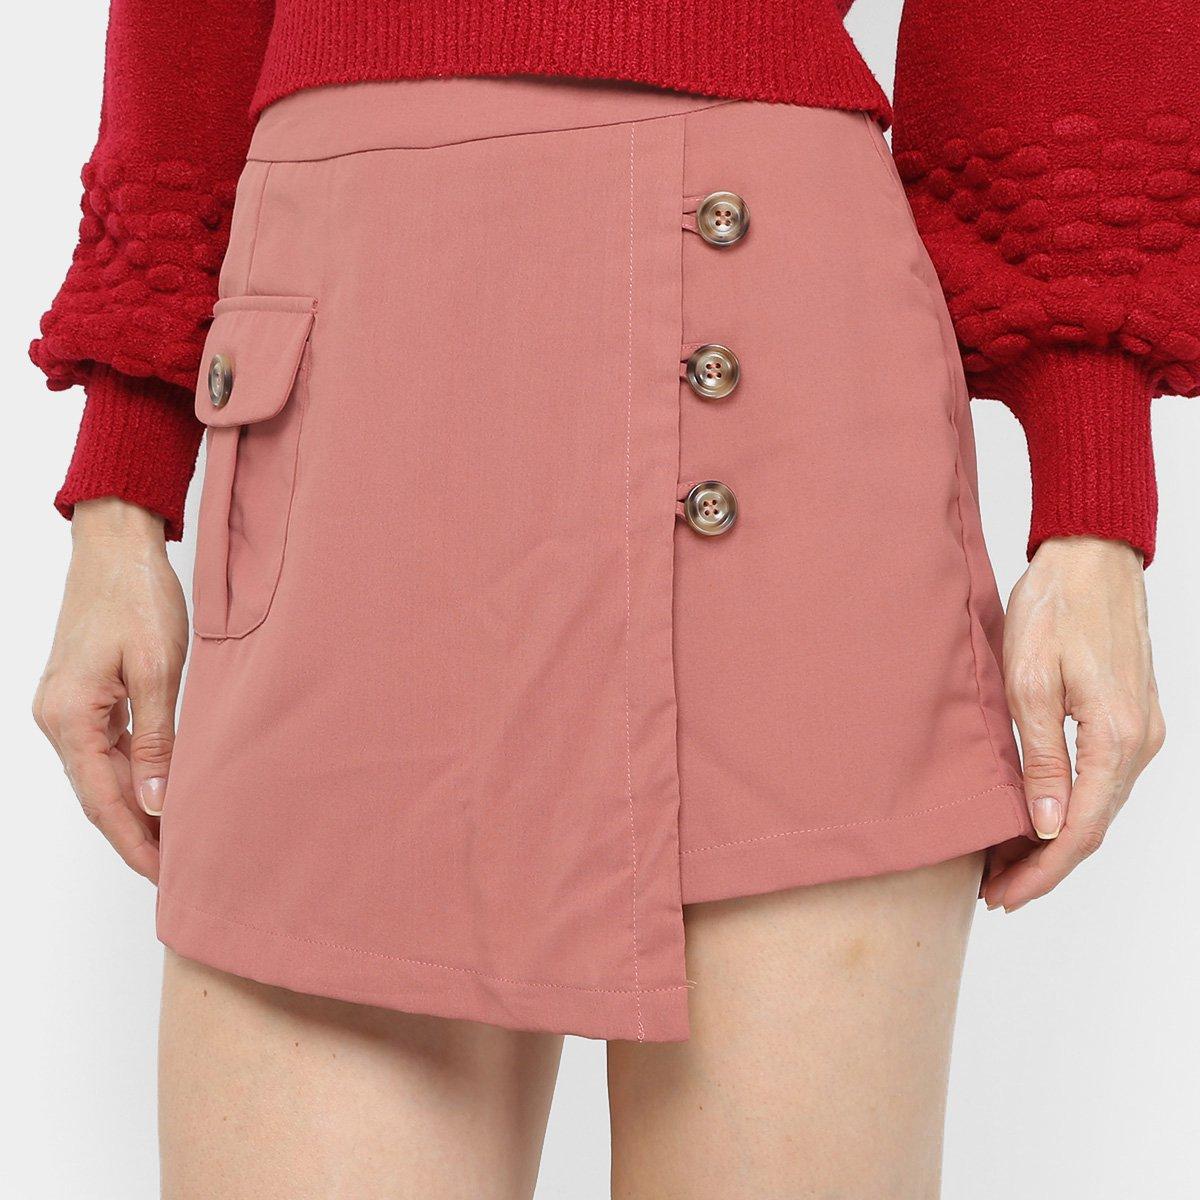 Foto 1 - Shorts Saia Adooro! Com Bolso E Botões Feminino